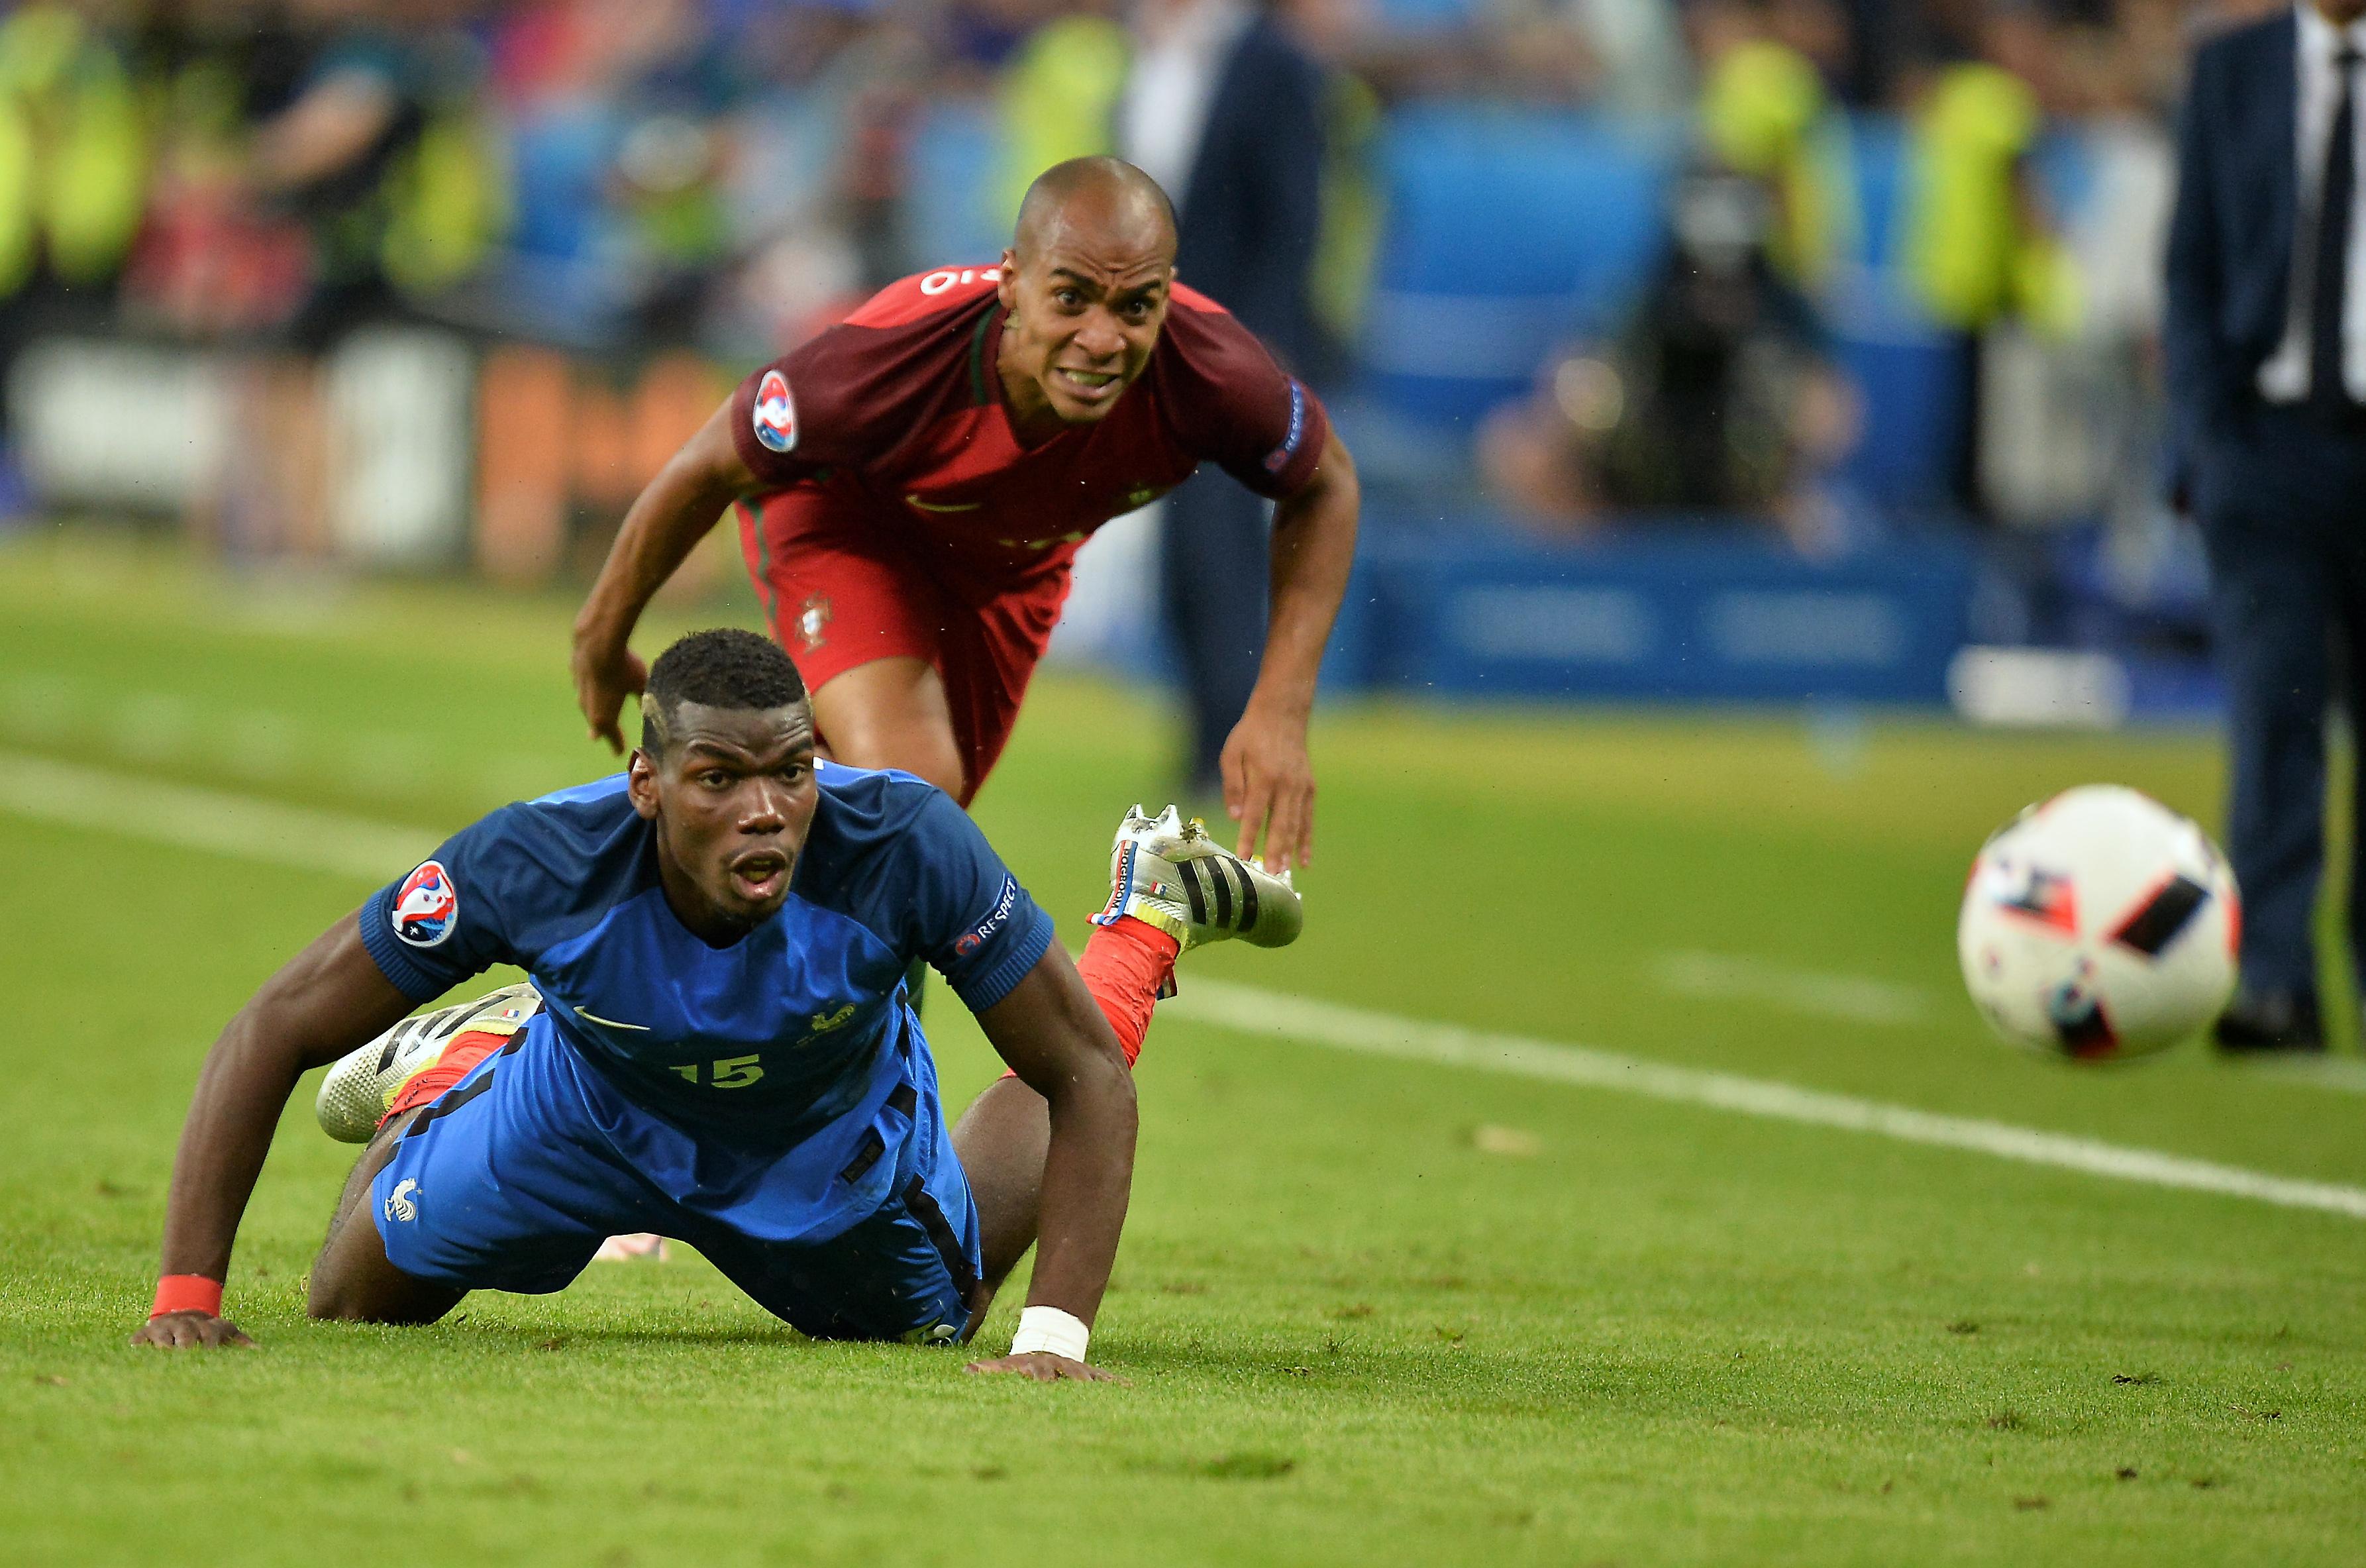 Mondial 2018 argentine portugal br sil quel parcours pour les bleus russie 2018 coupe - Coupe de france football calendrier ...